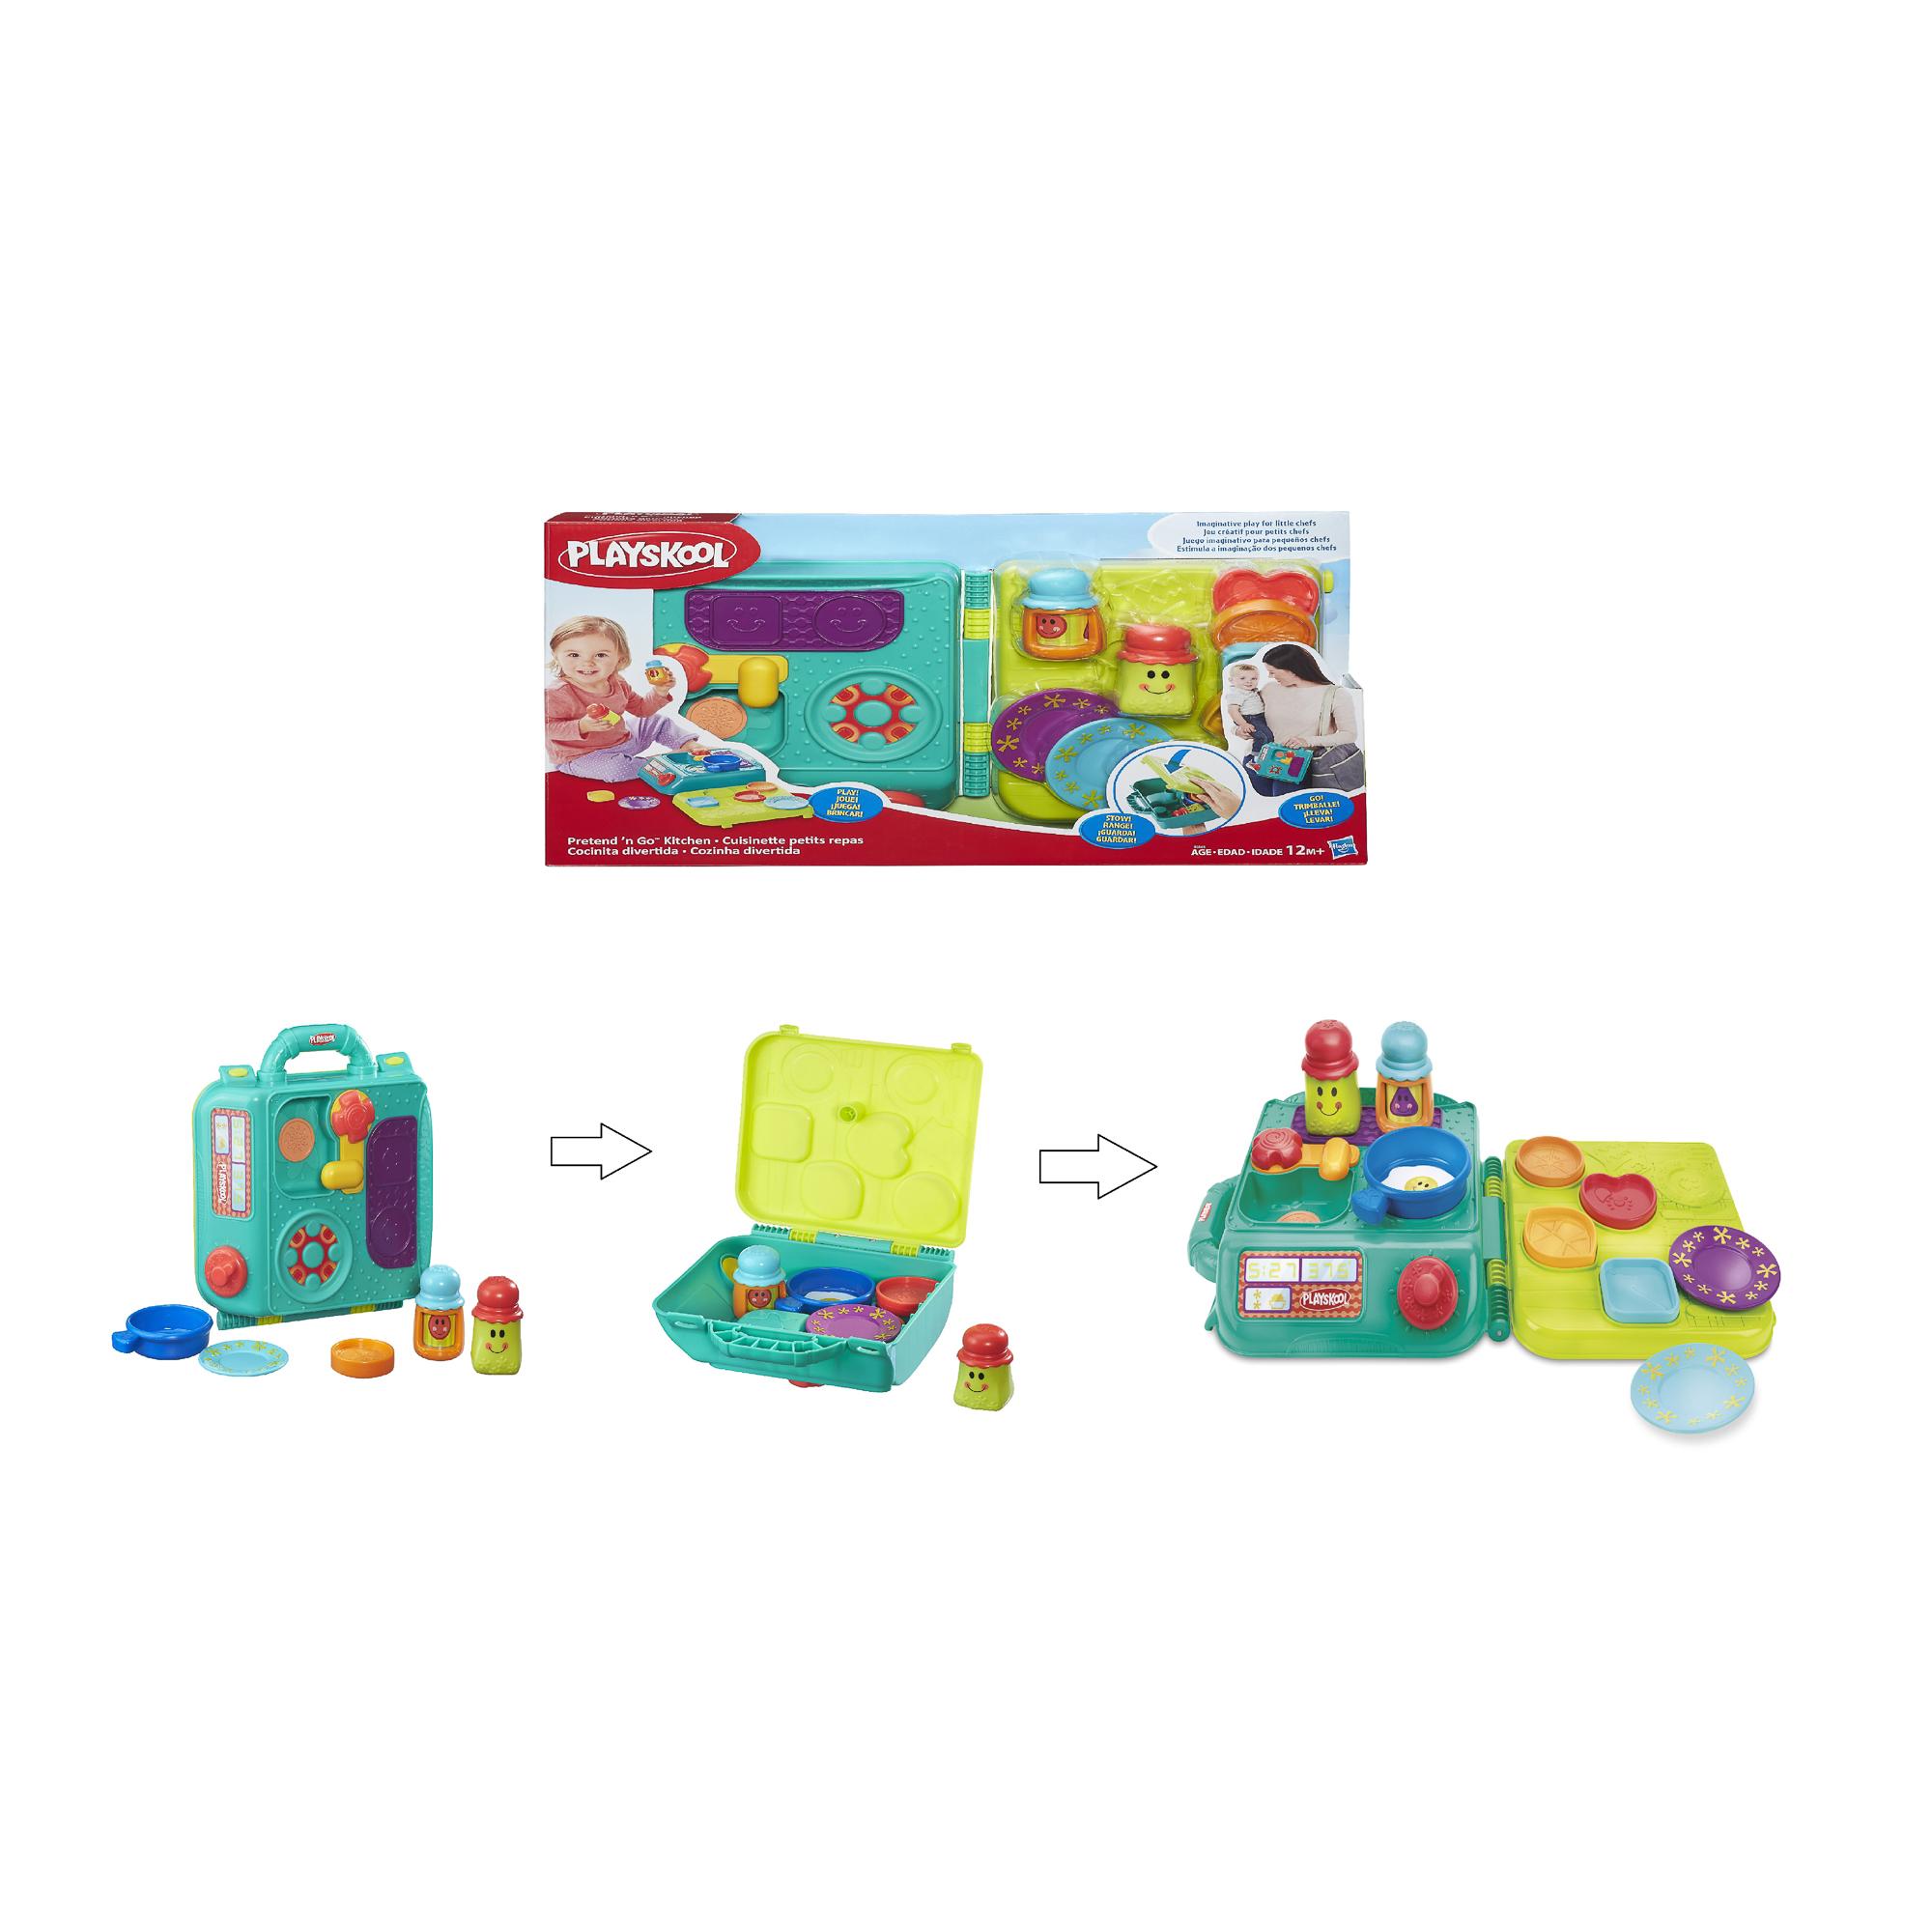 Купить Игрушка HASBRO PLAYSKOOL Моя первая кухня возьми с собой, Китай, Игрушки для новорожденных